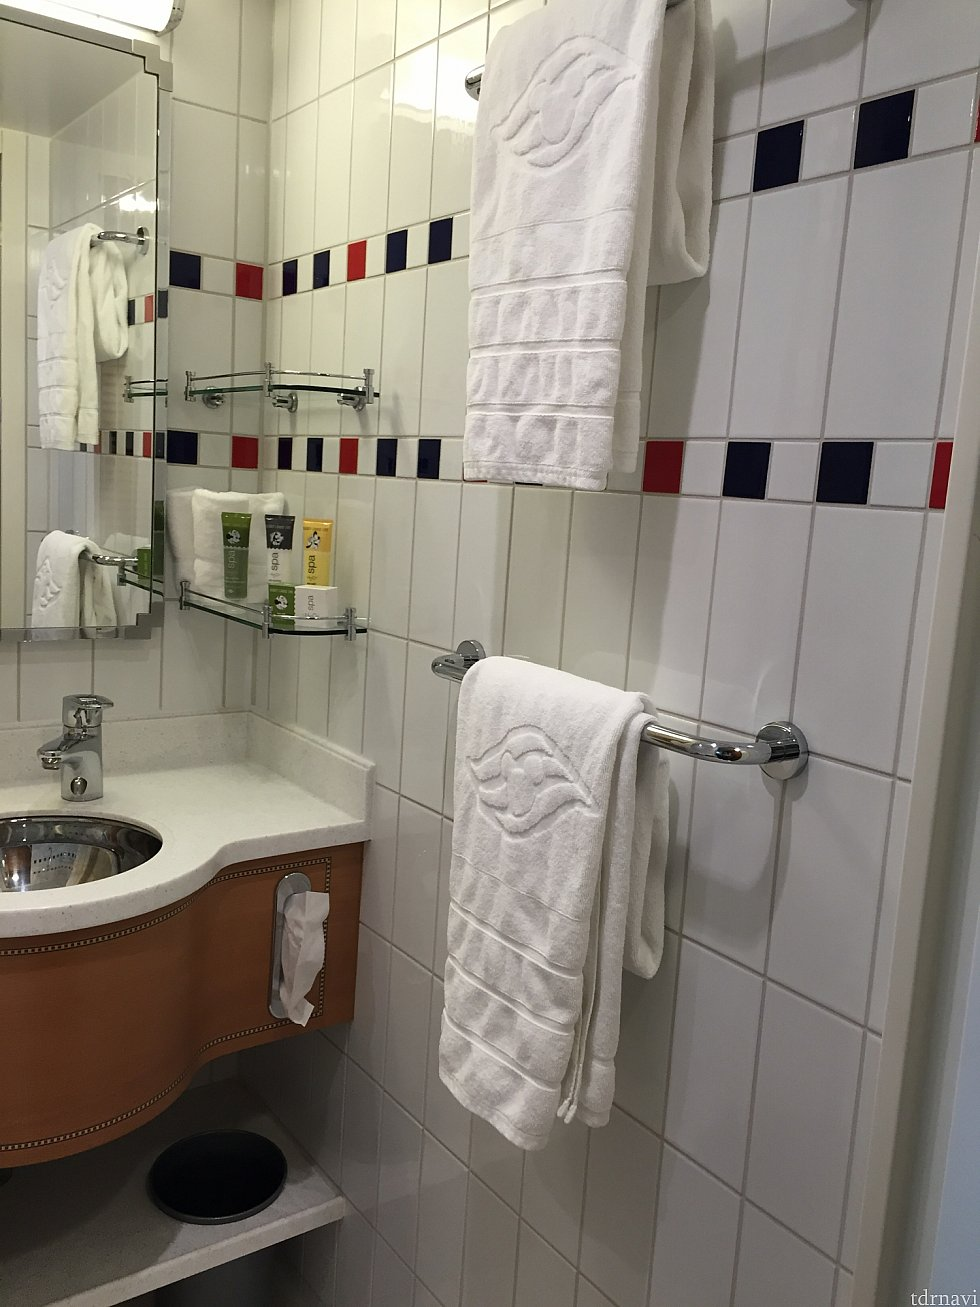 洗面台も清潔♪タオルのクルーズロゴにテンション上がりました♡